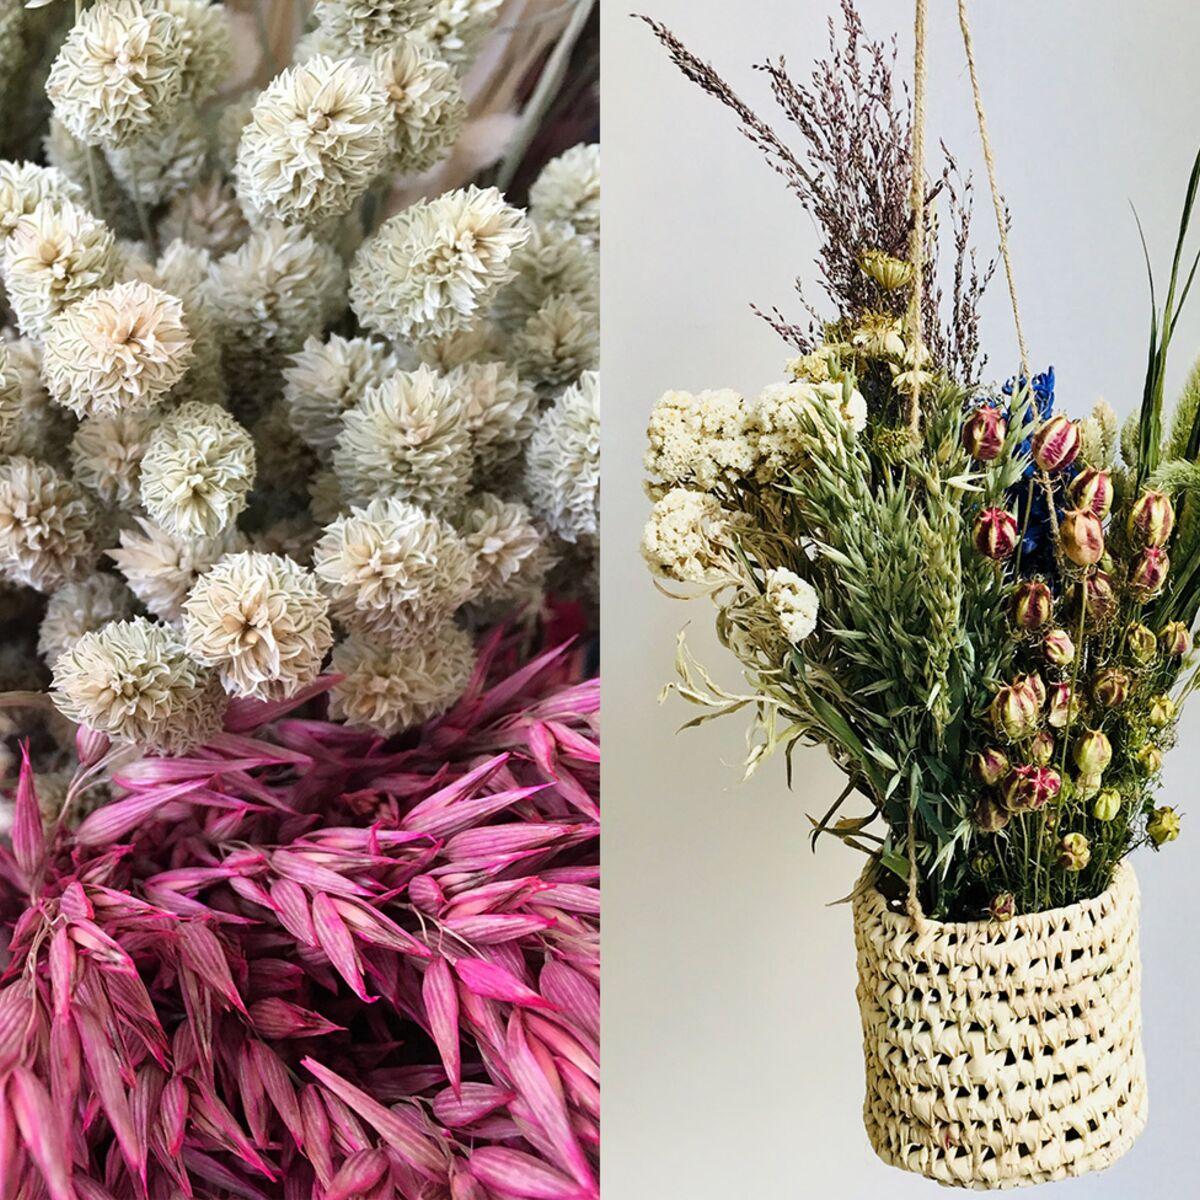 Comment Faire Secher Une Rose Fraiche tendance déco : comment faire sécher ses fleurs ? : femme